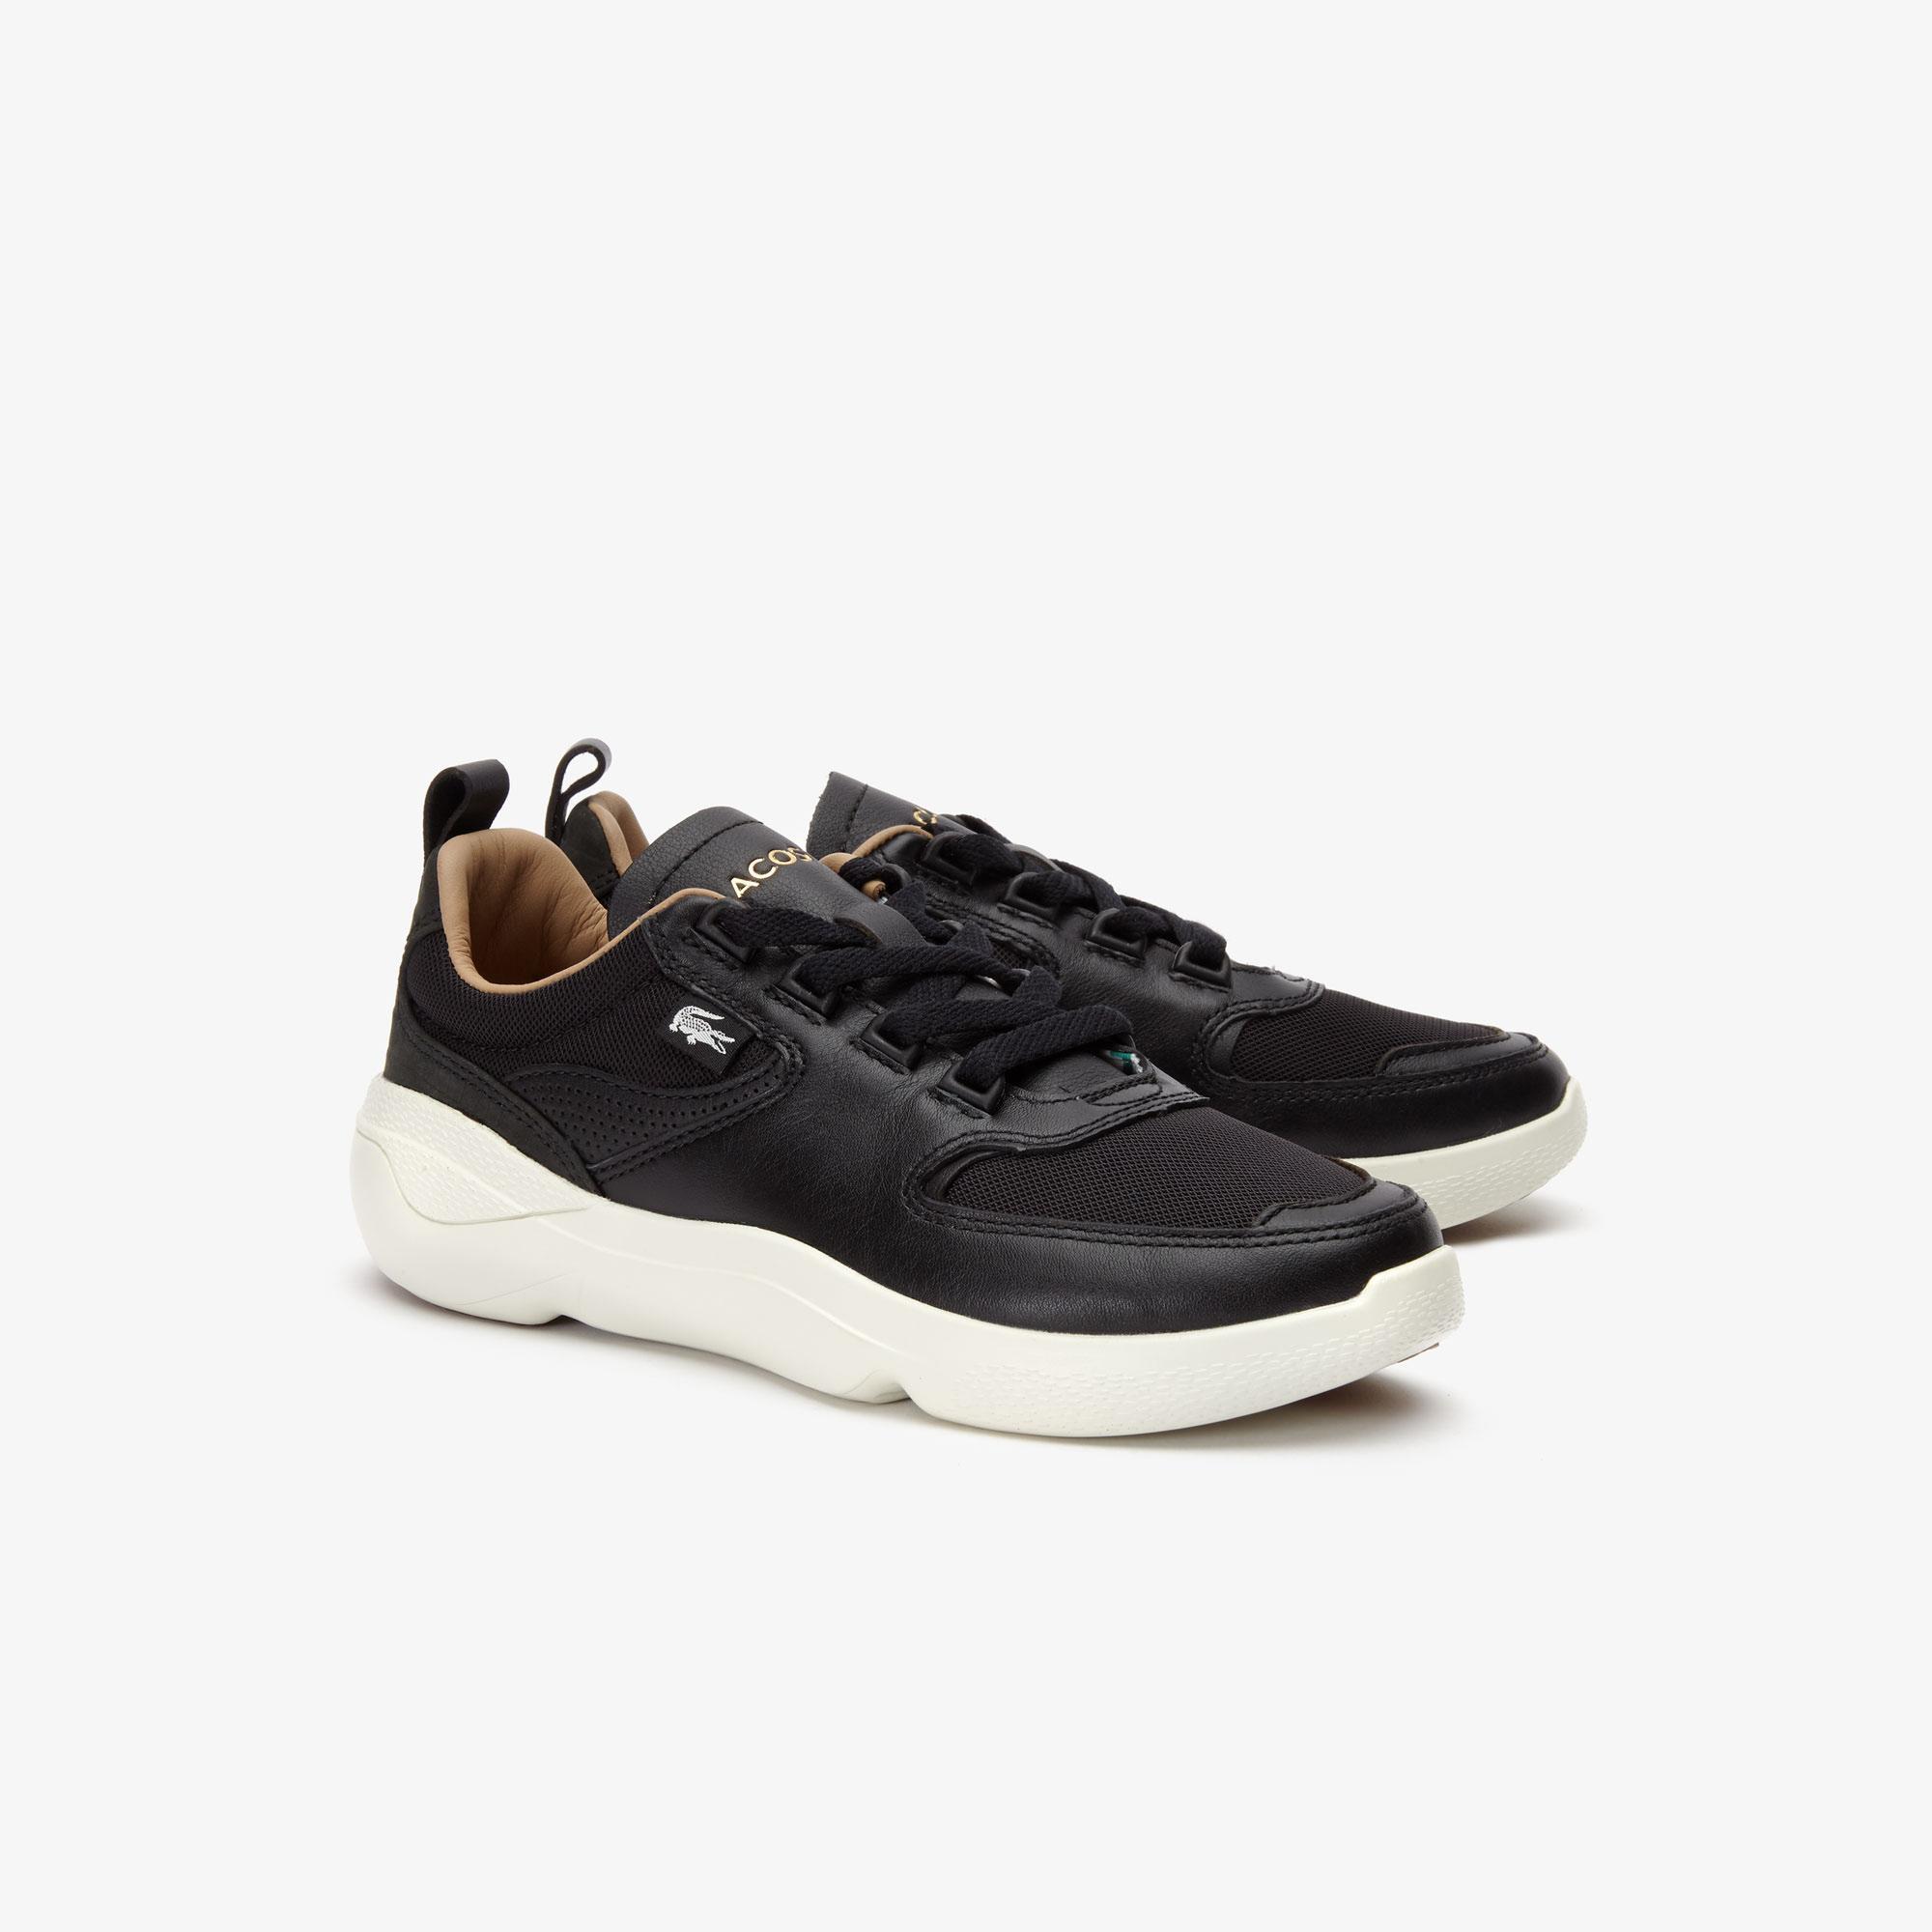 Lacoste Wildcard 319 2 Sfa Kadın Siyah - Bej Sneaker